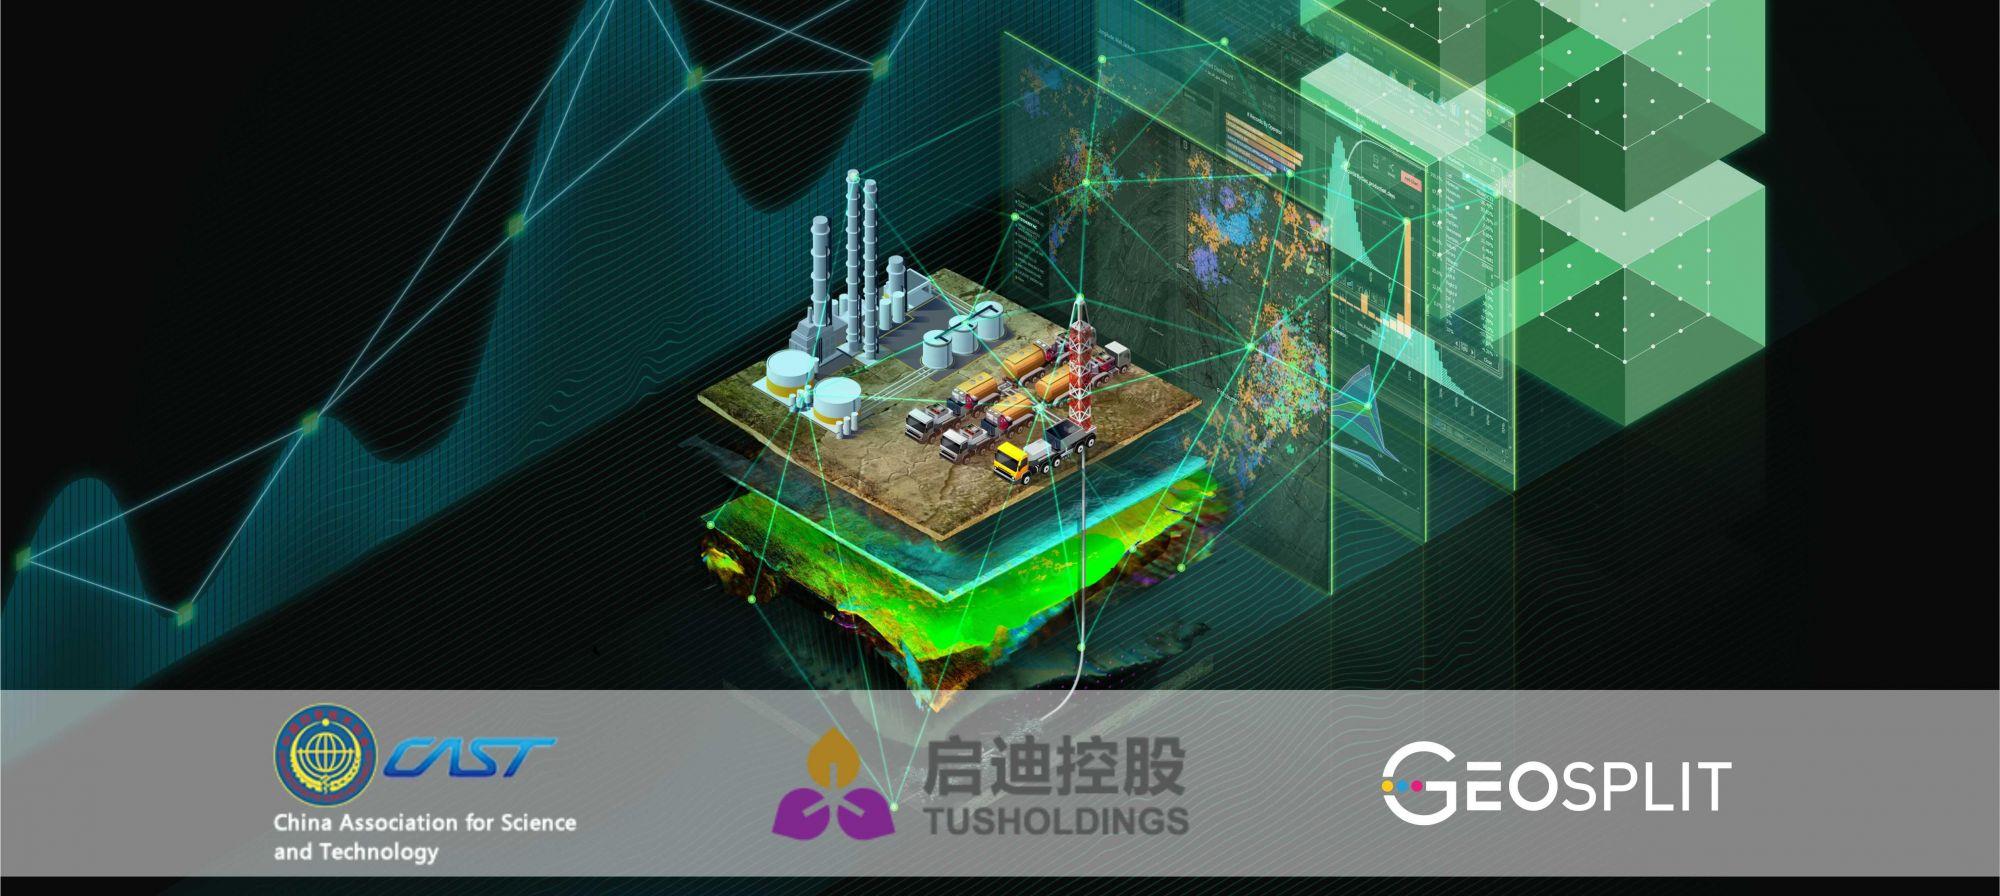 Российский нефтегазовый стартап ГеоСплит  представляет цифровые технологии в Китае